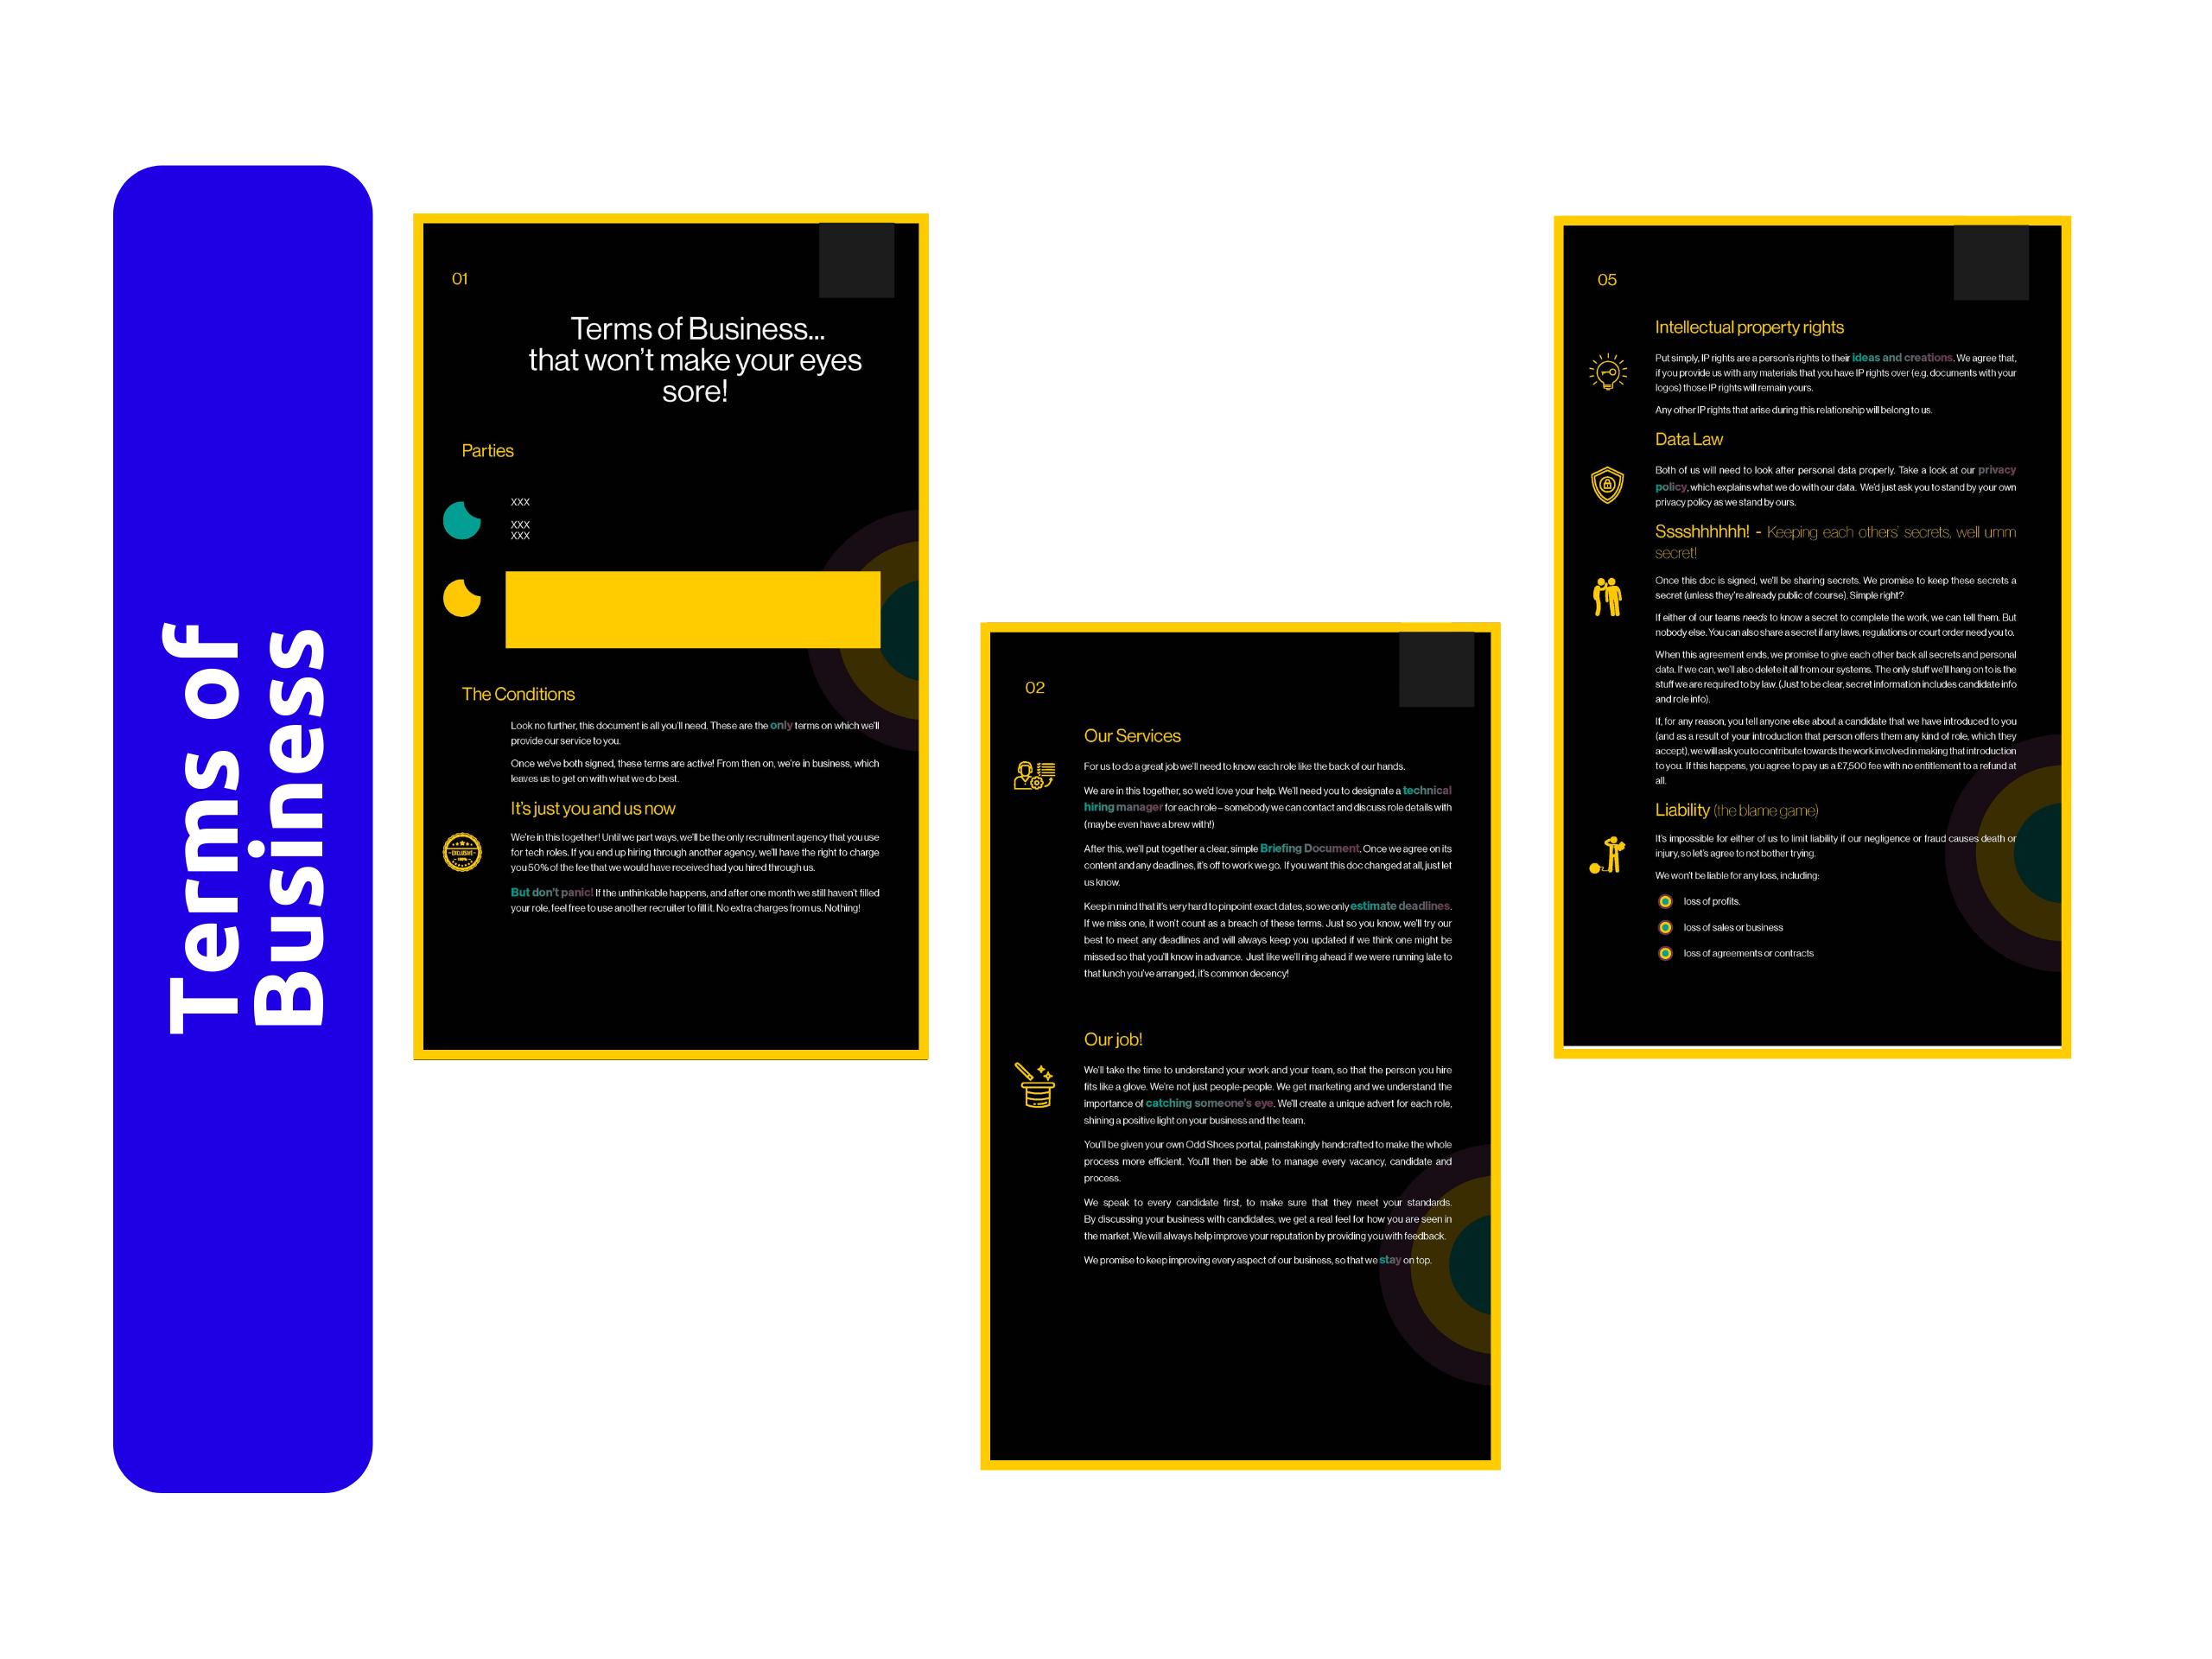 lawbox-design-portfolio-case-study-visuals-2560-1920px (6)